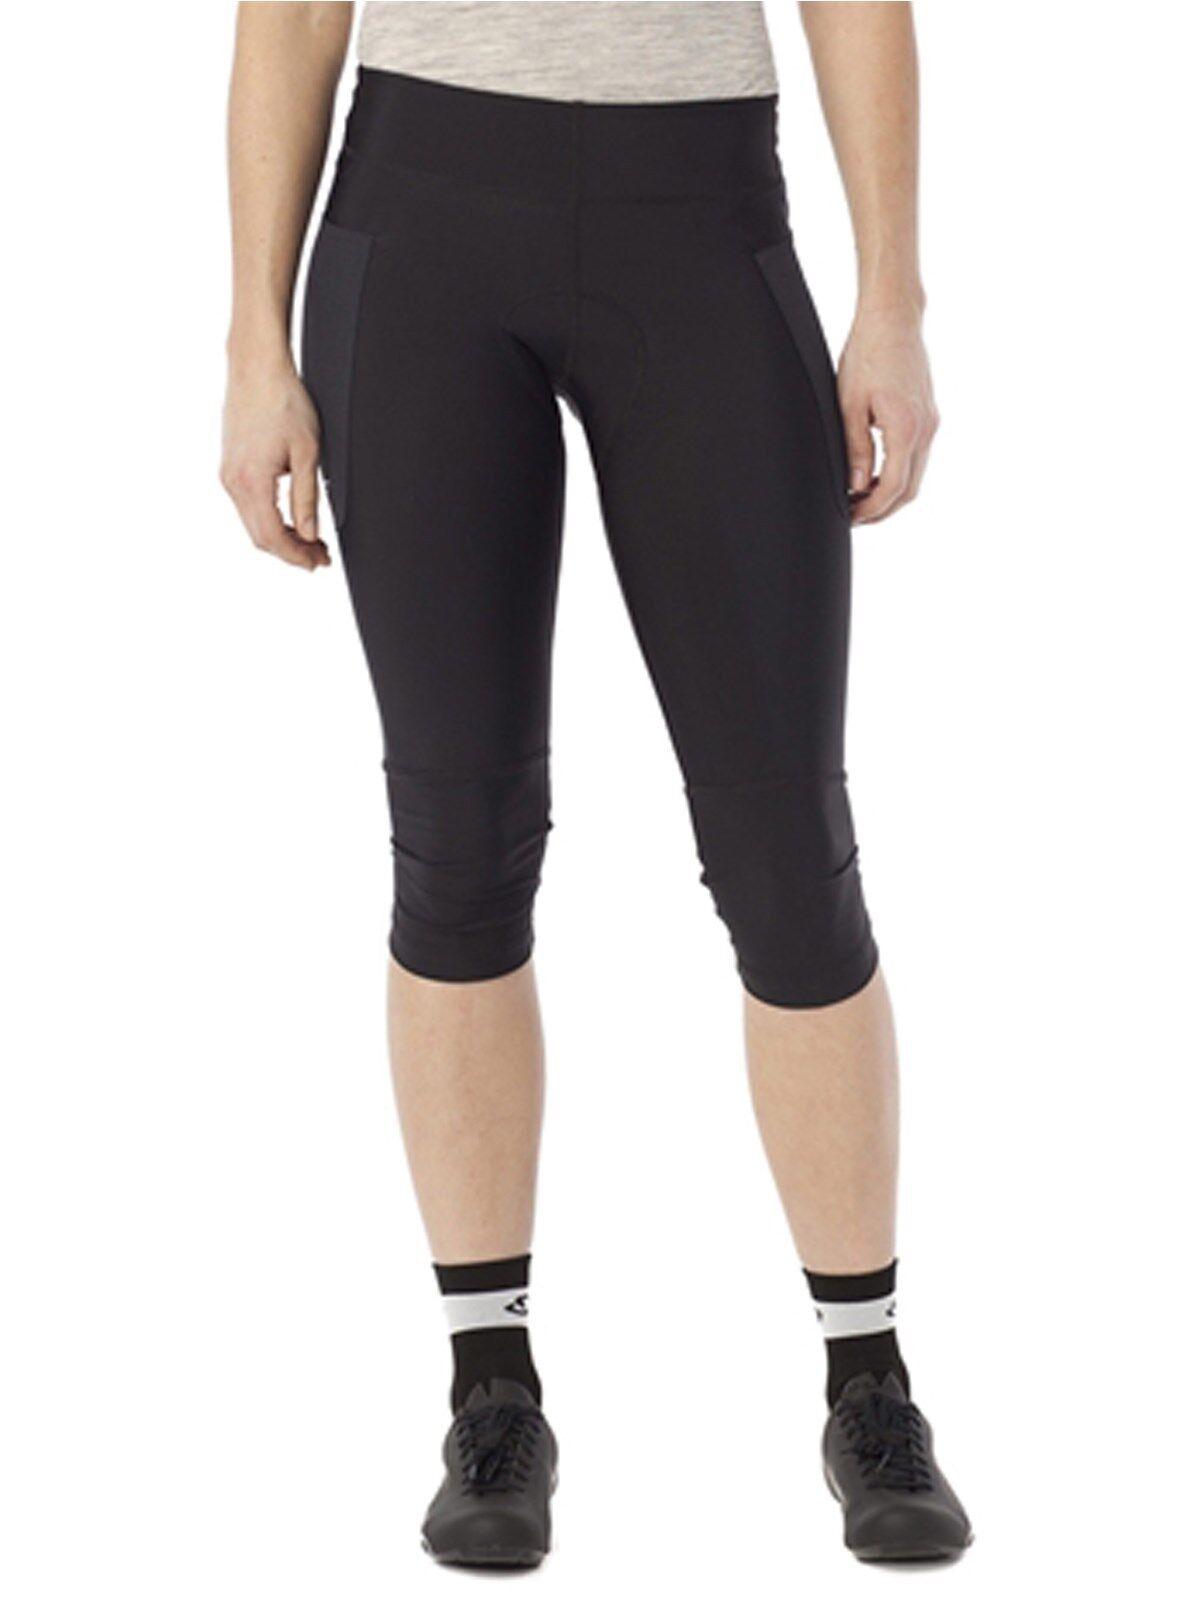 GIRO NEW ROAD Women's Thermal 3 4  Legging, XS  simple and generous design